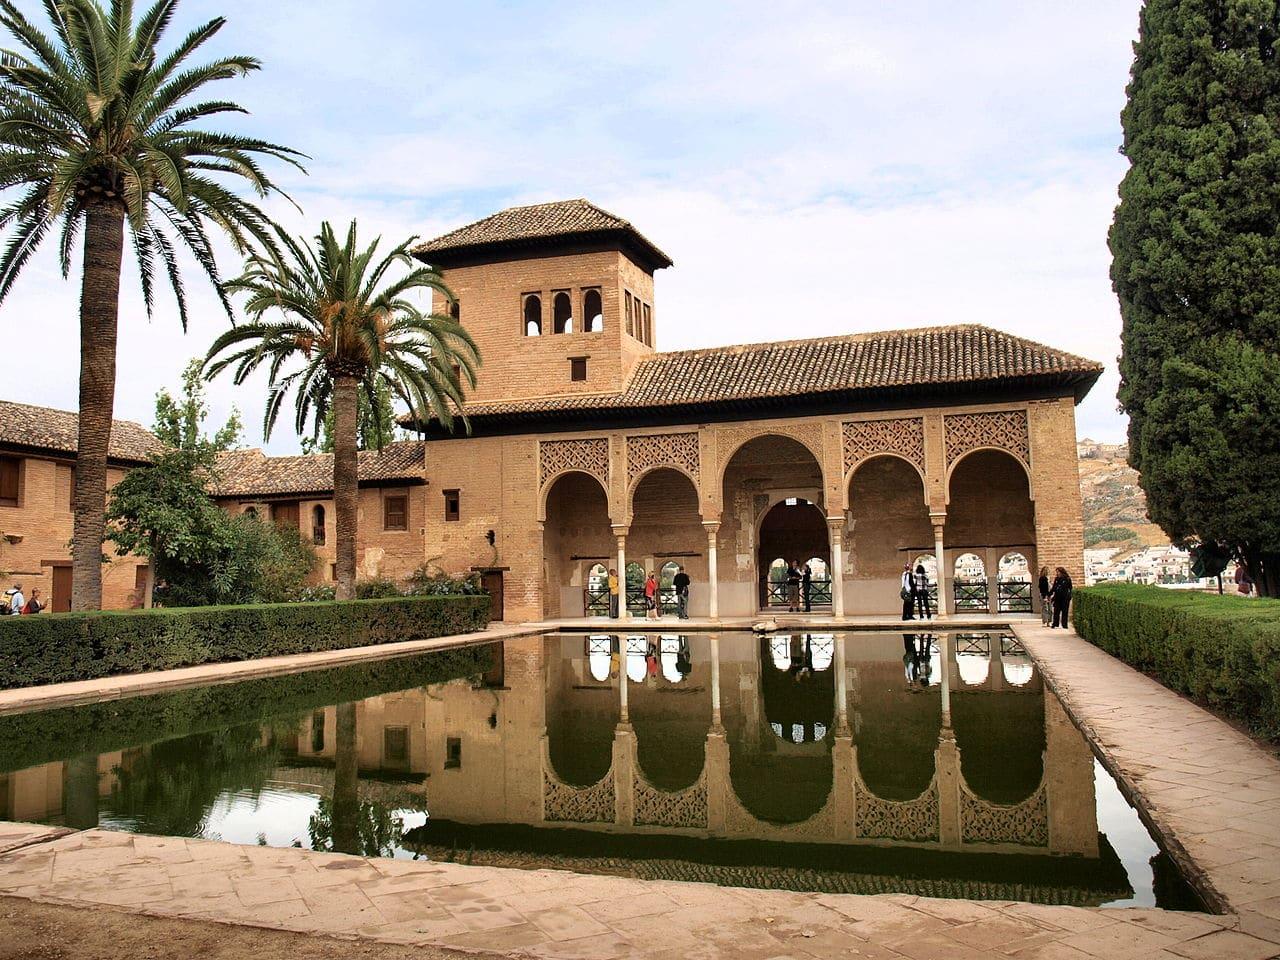 La Alhambra tiene unos de los jardines más bonitos del mundo